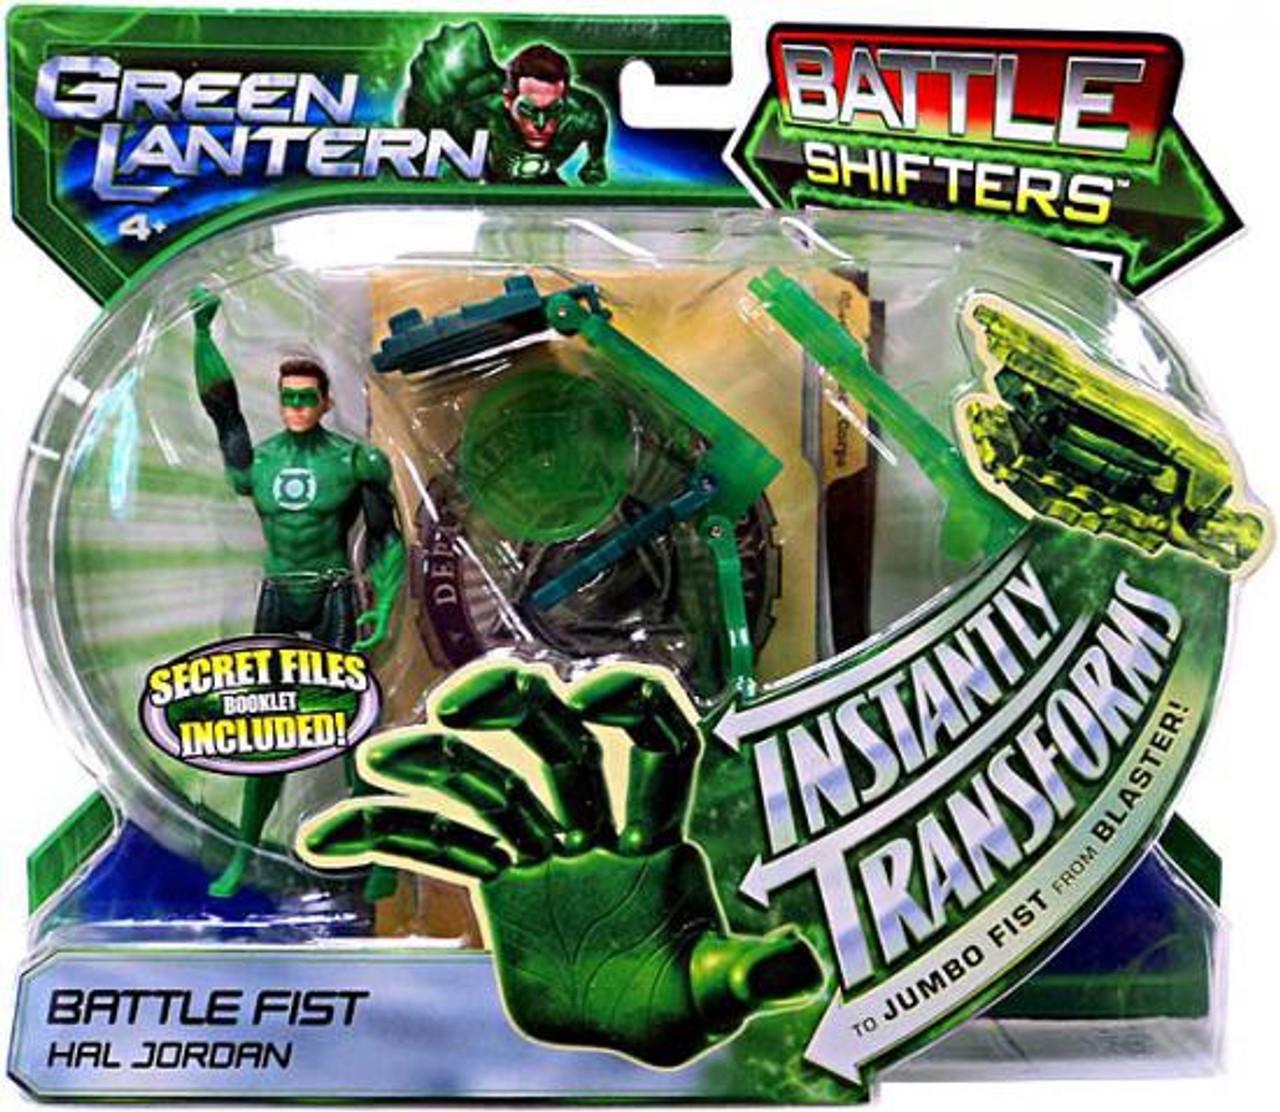 Green Lantern Movie Battle Shifters Hal Jordan Action Figure [Battle Fist]